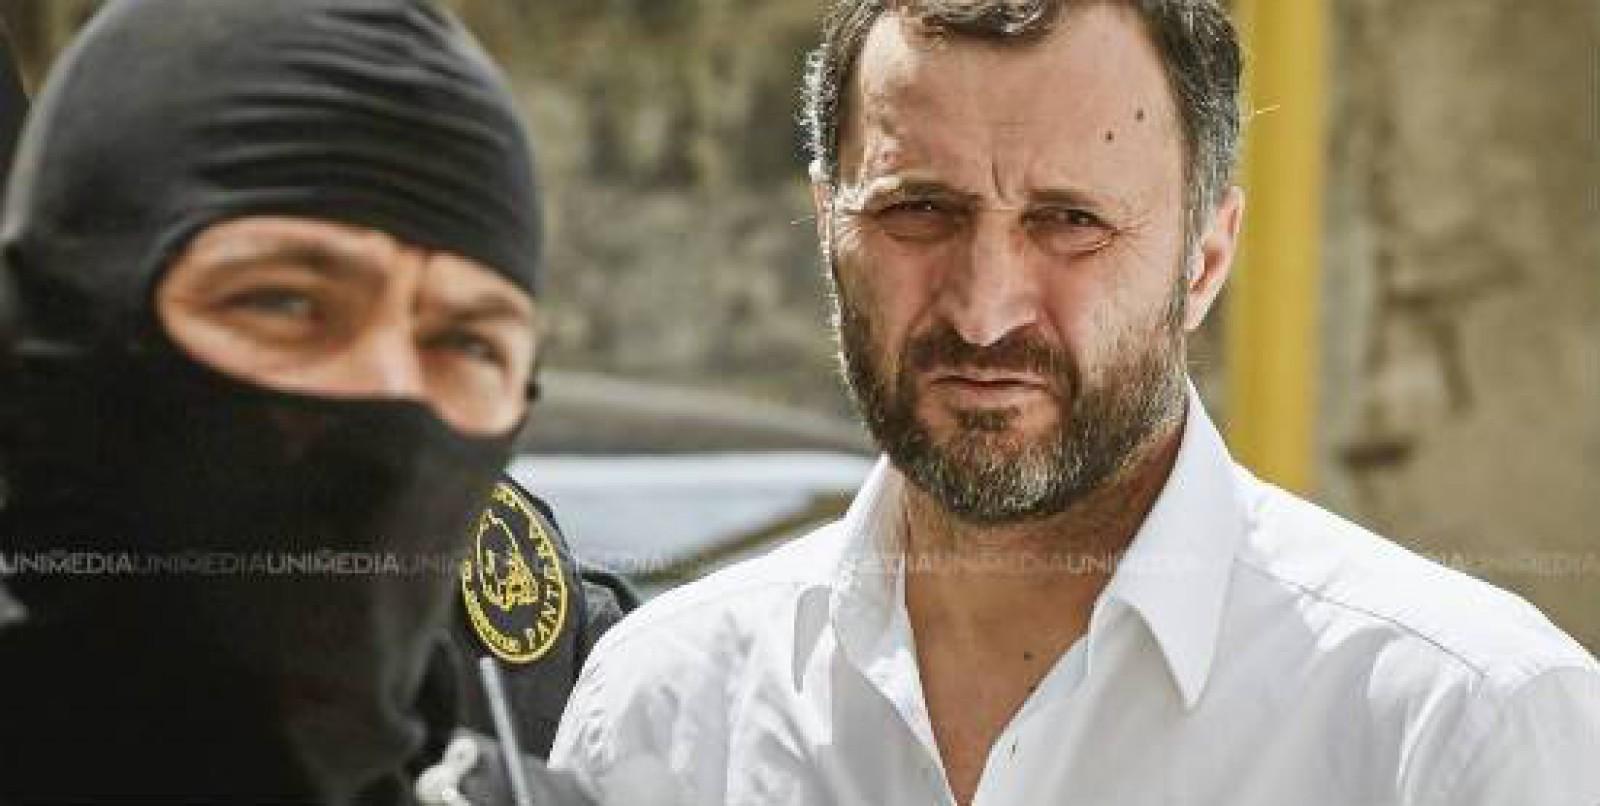 (doc) Ultima oră! Curtea Supremă de Justiție a declarat inadmisibil recursul de anulare în dosarul lui Vlad Filat